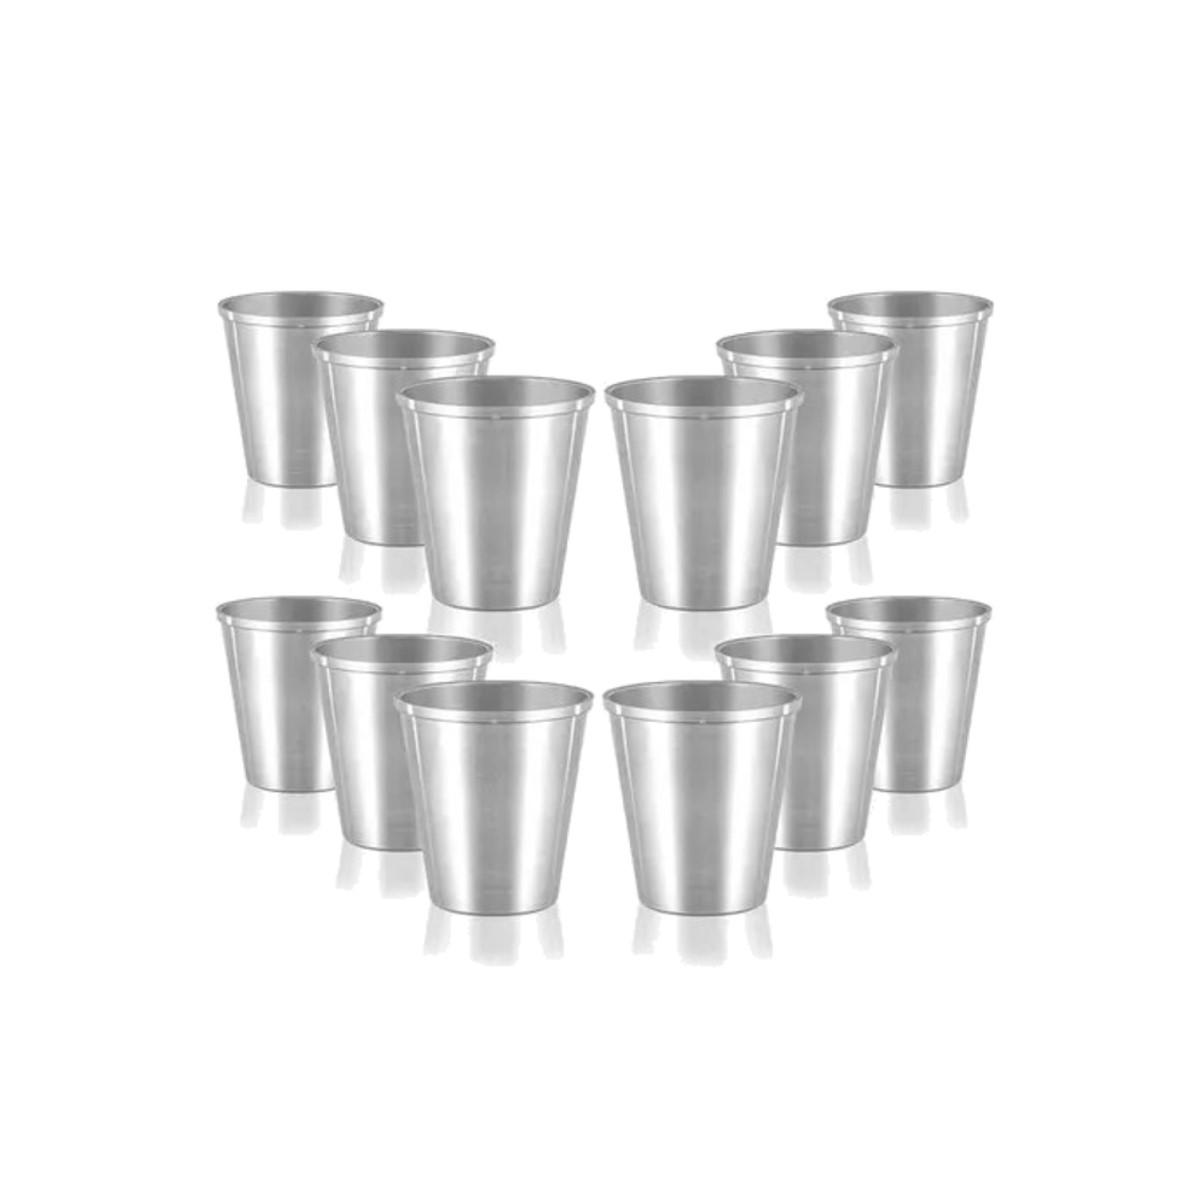 Kit 12 Copos De Alumínio Polido Creches e Escolas 300ml  - Panela de Ferro Fundido